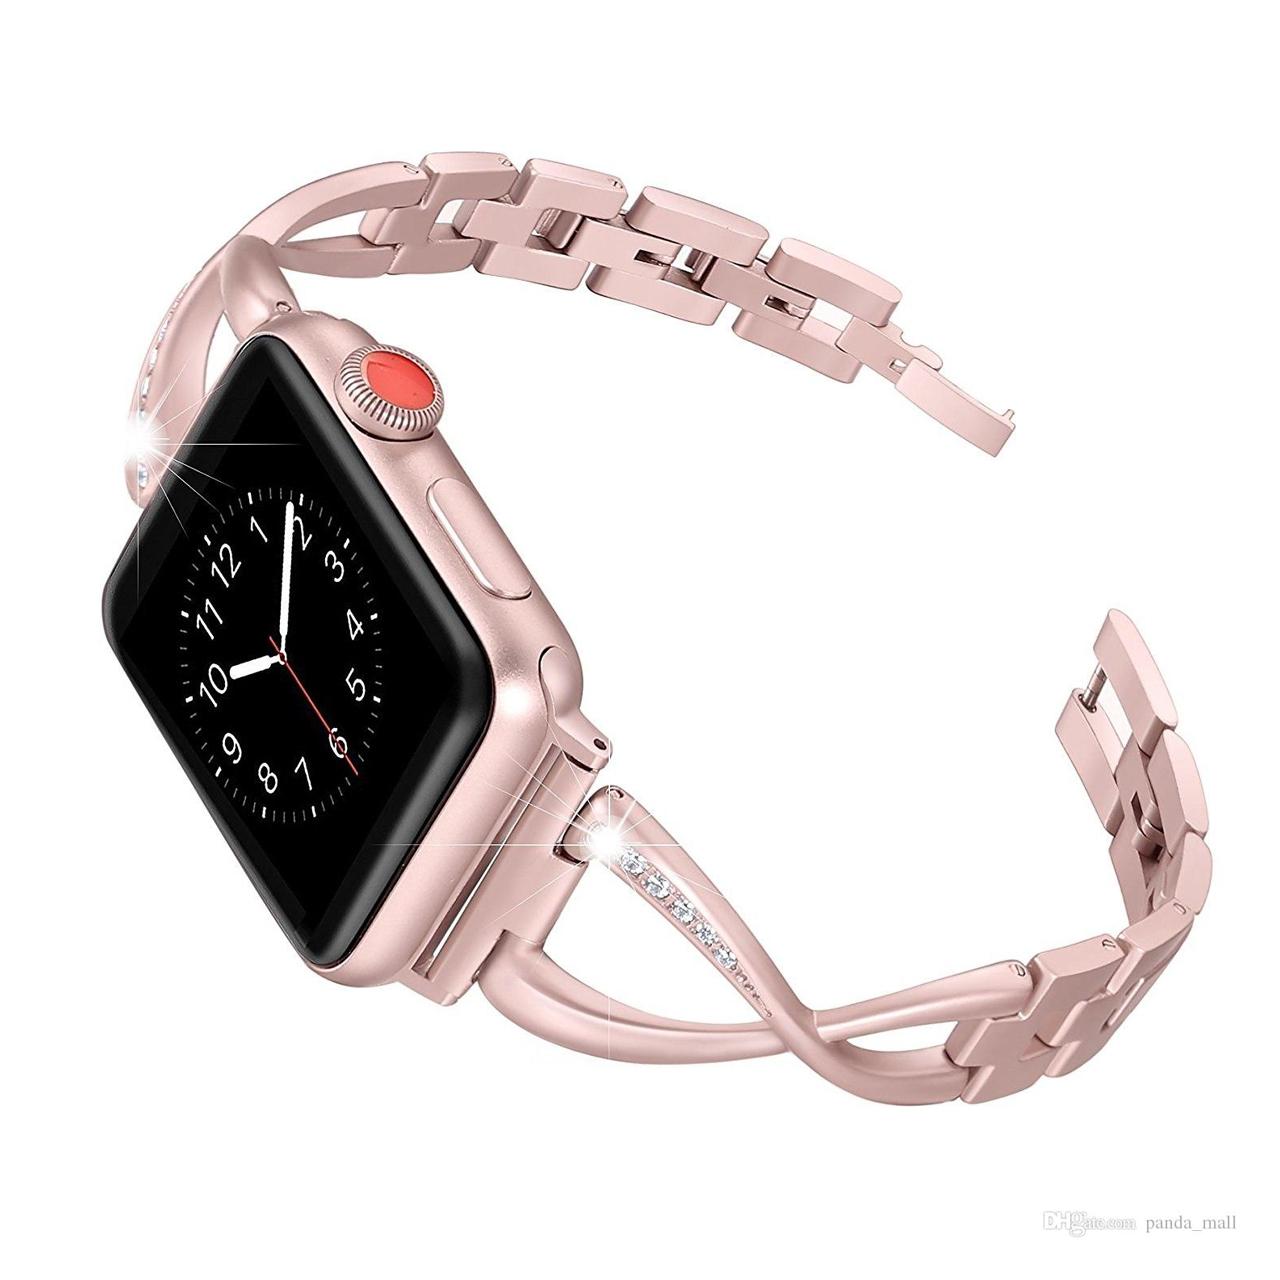 بند مدل Jansin مناسب برای اپل واچ 42 میلیمتری